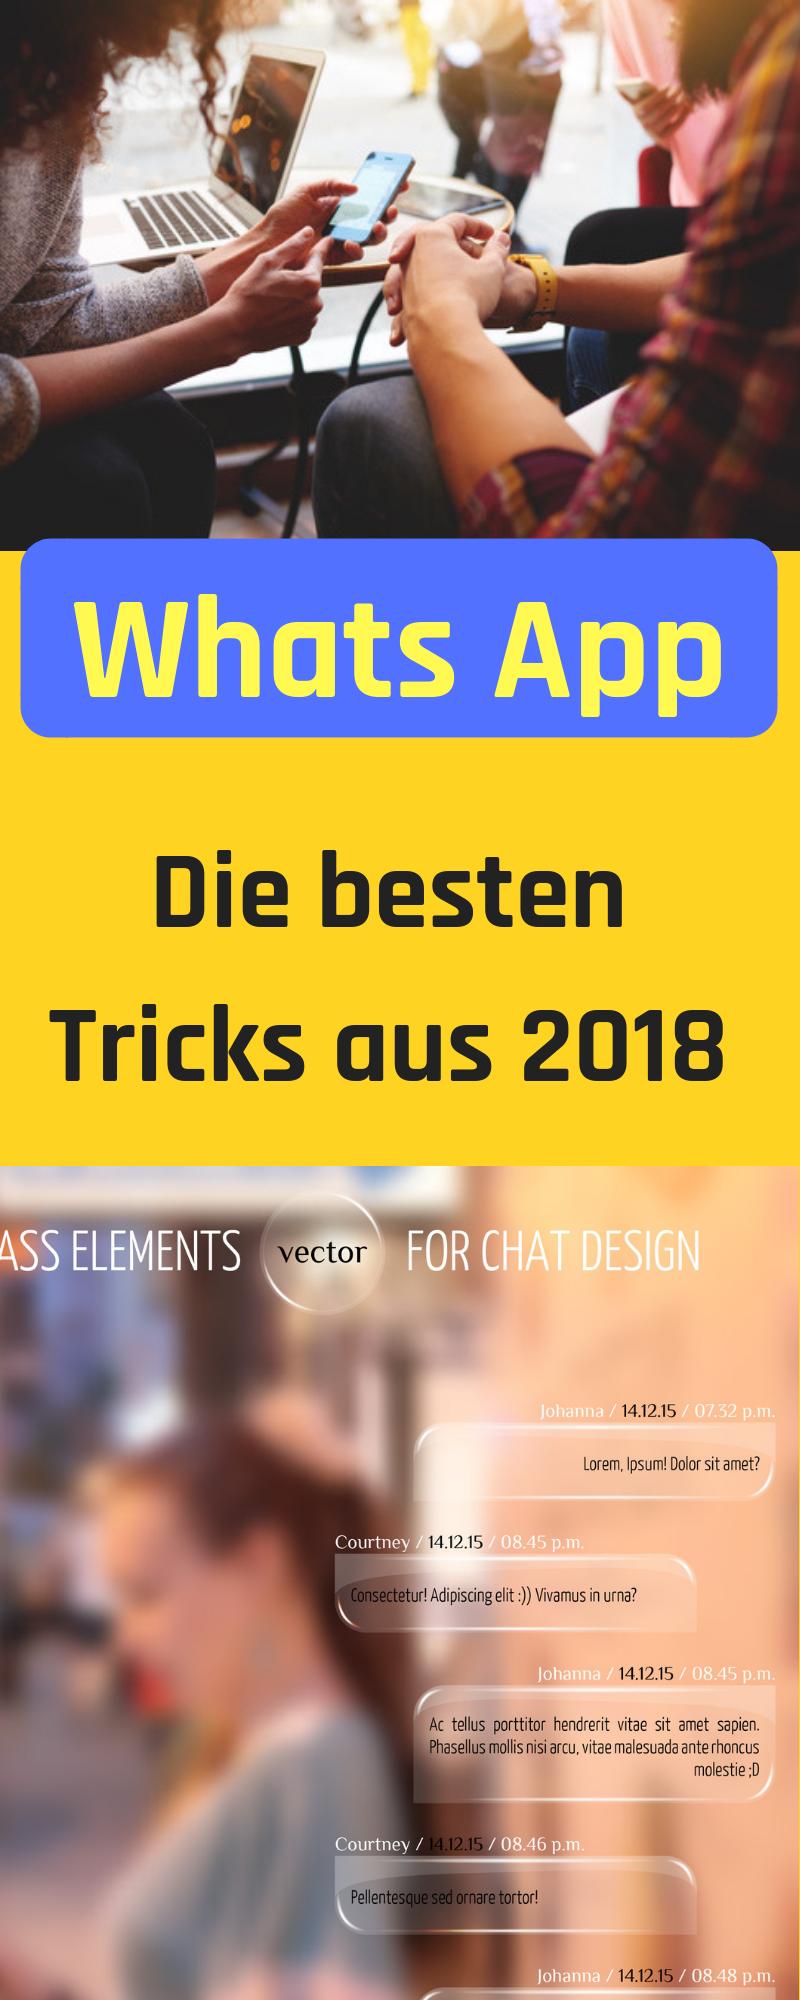 9 Telegram-Tricks, die WhatsApp-Nutzer beneiden werden